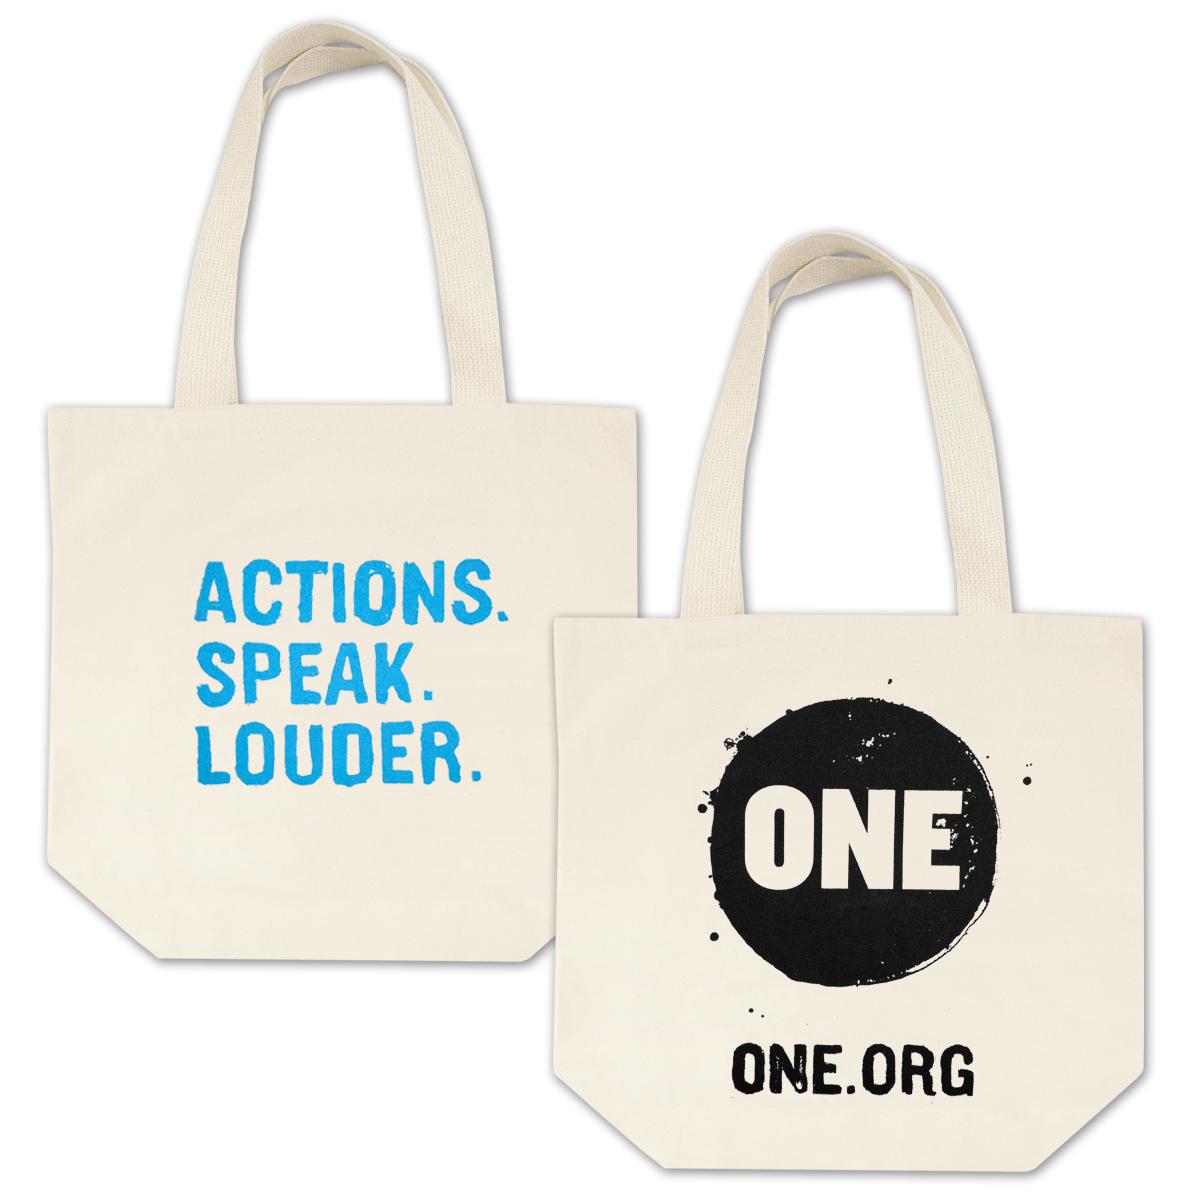 ONE Actions. Speak. Louder. Tote Bag